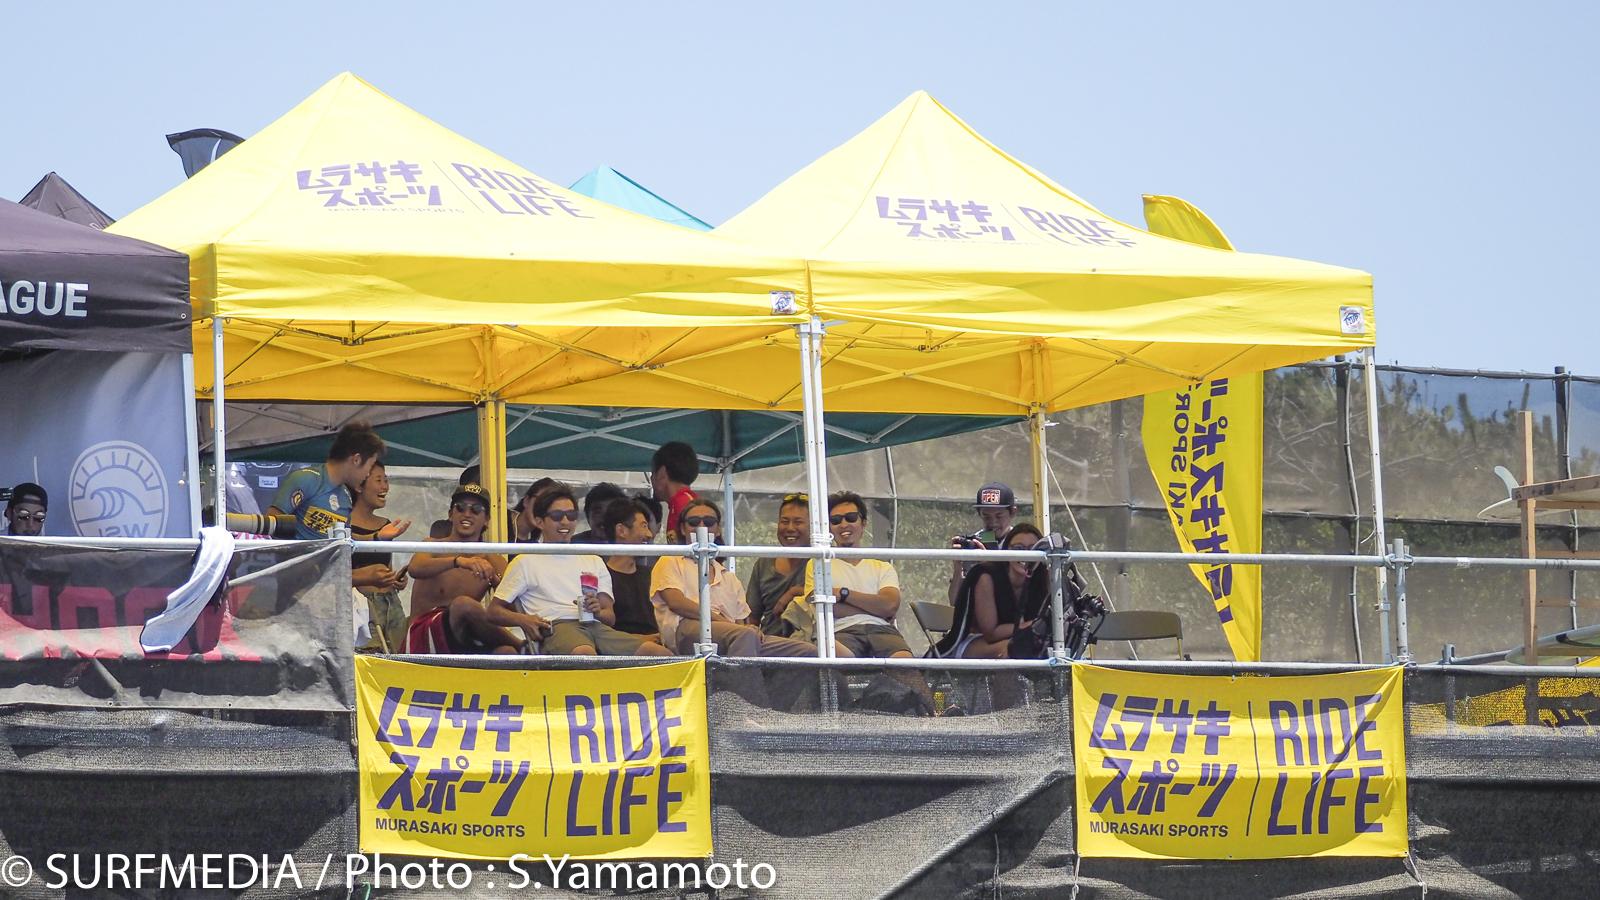 murasaki-7153242